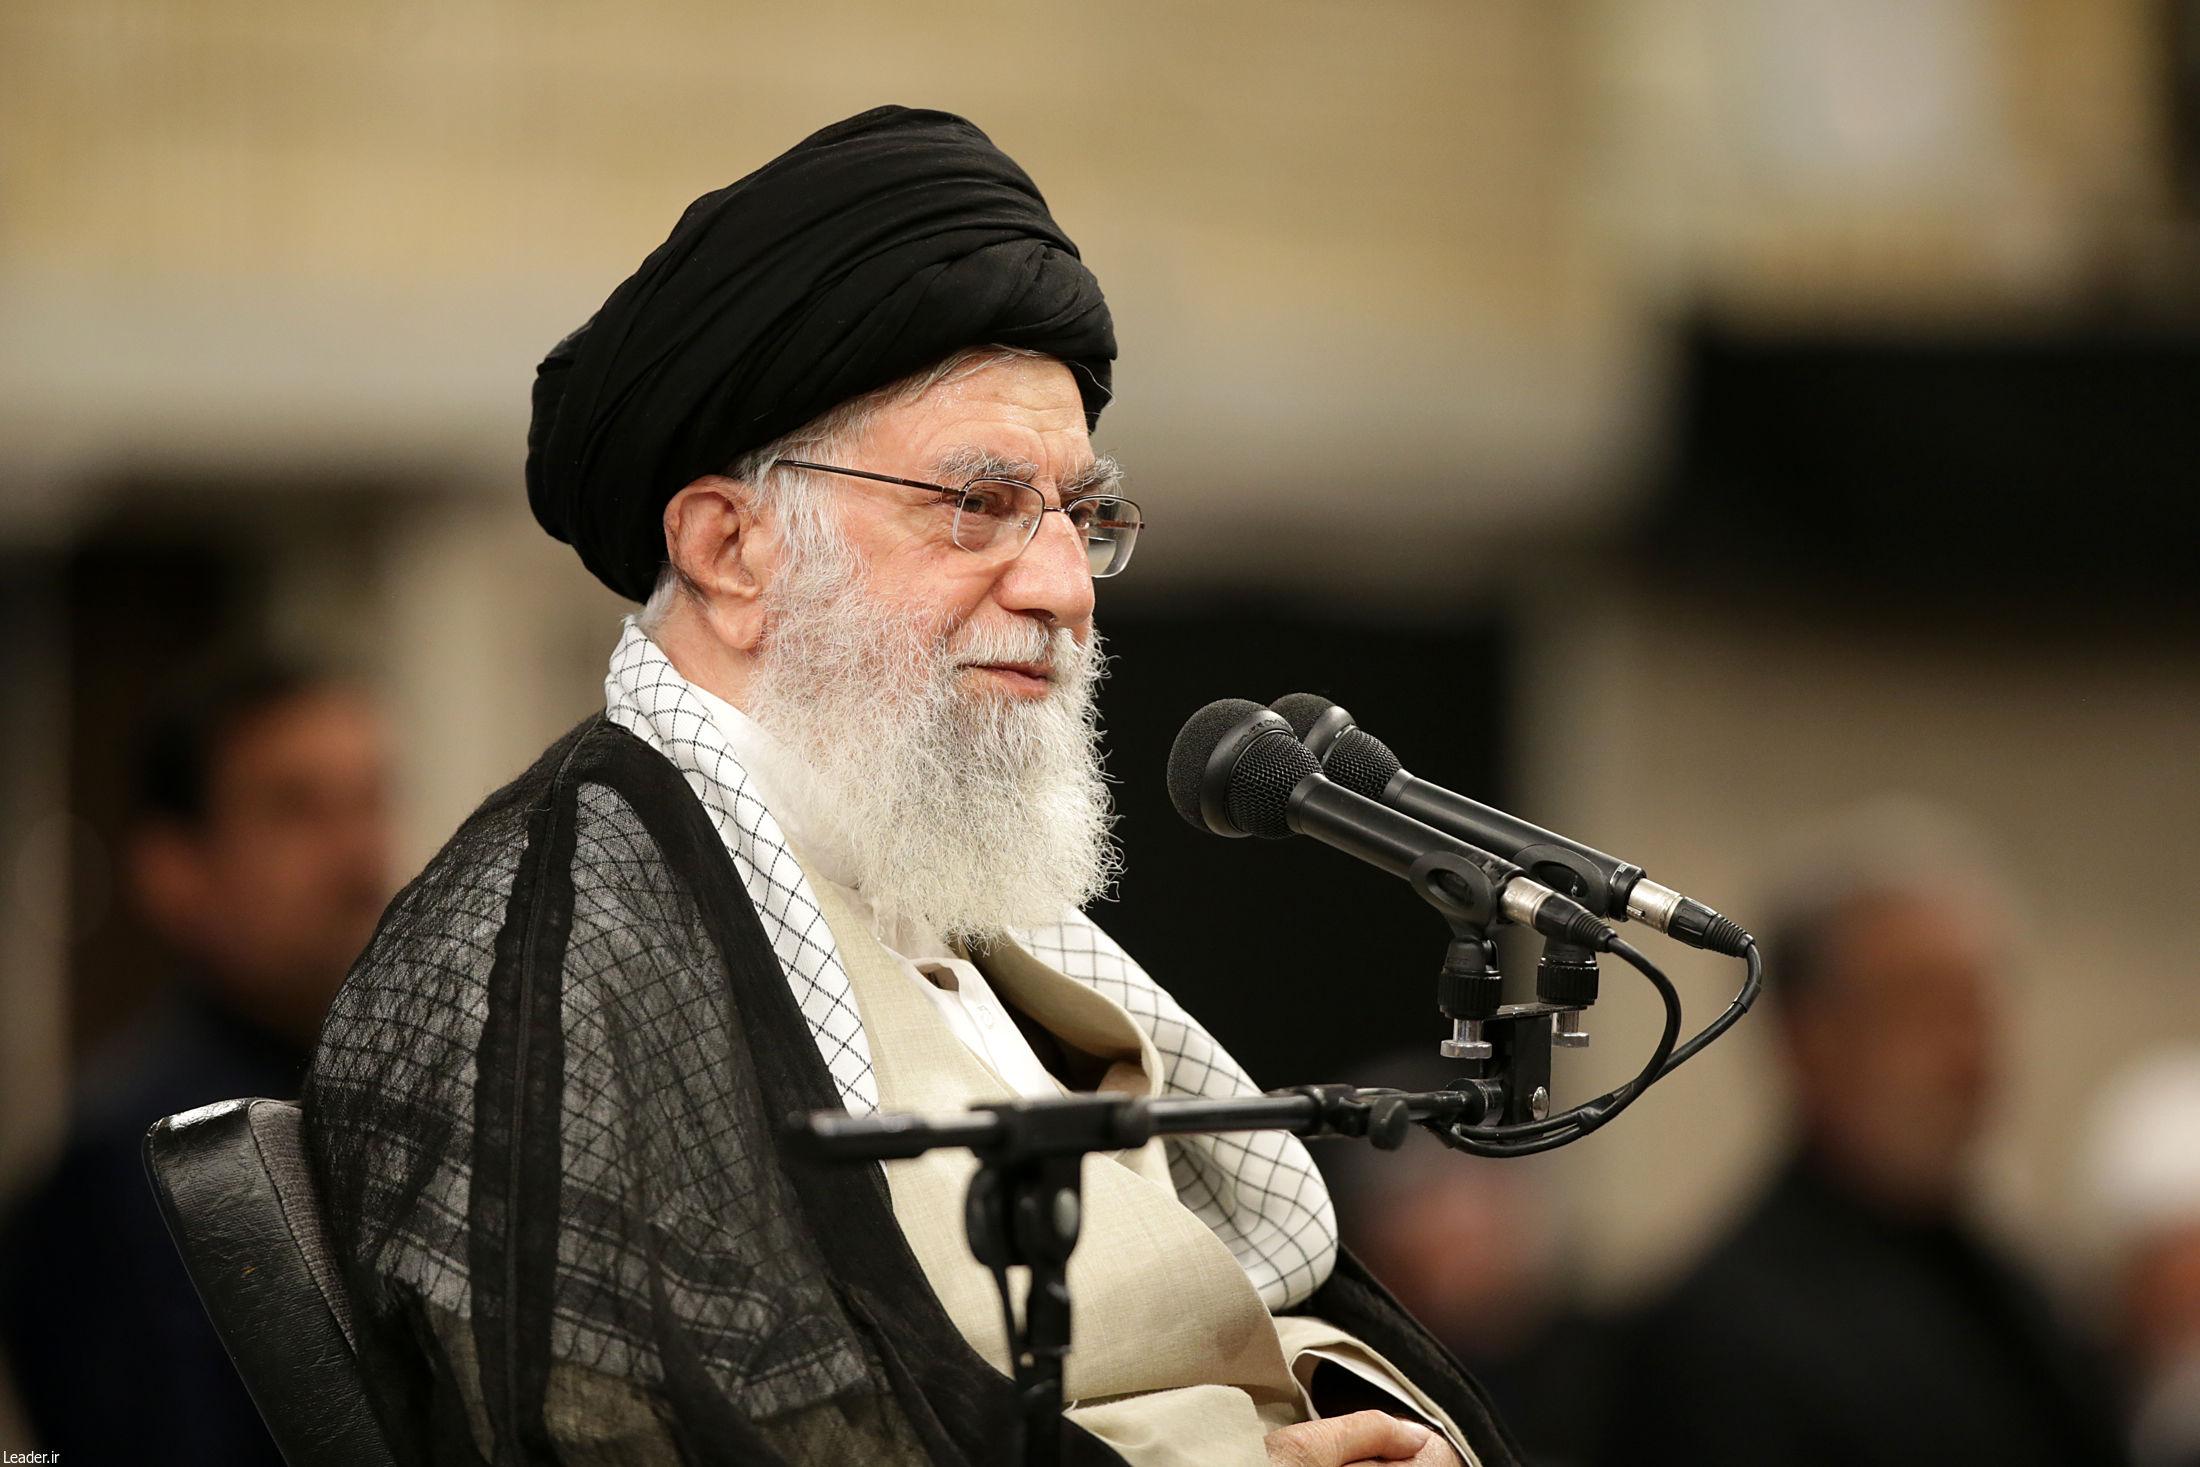 از صمیم قلب خودم و ملت ایران از شما موکبداران تشکر میکنم/ این عشق به حسینبنعلی(ع) یک امر استثنائی است